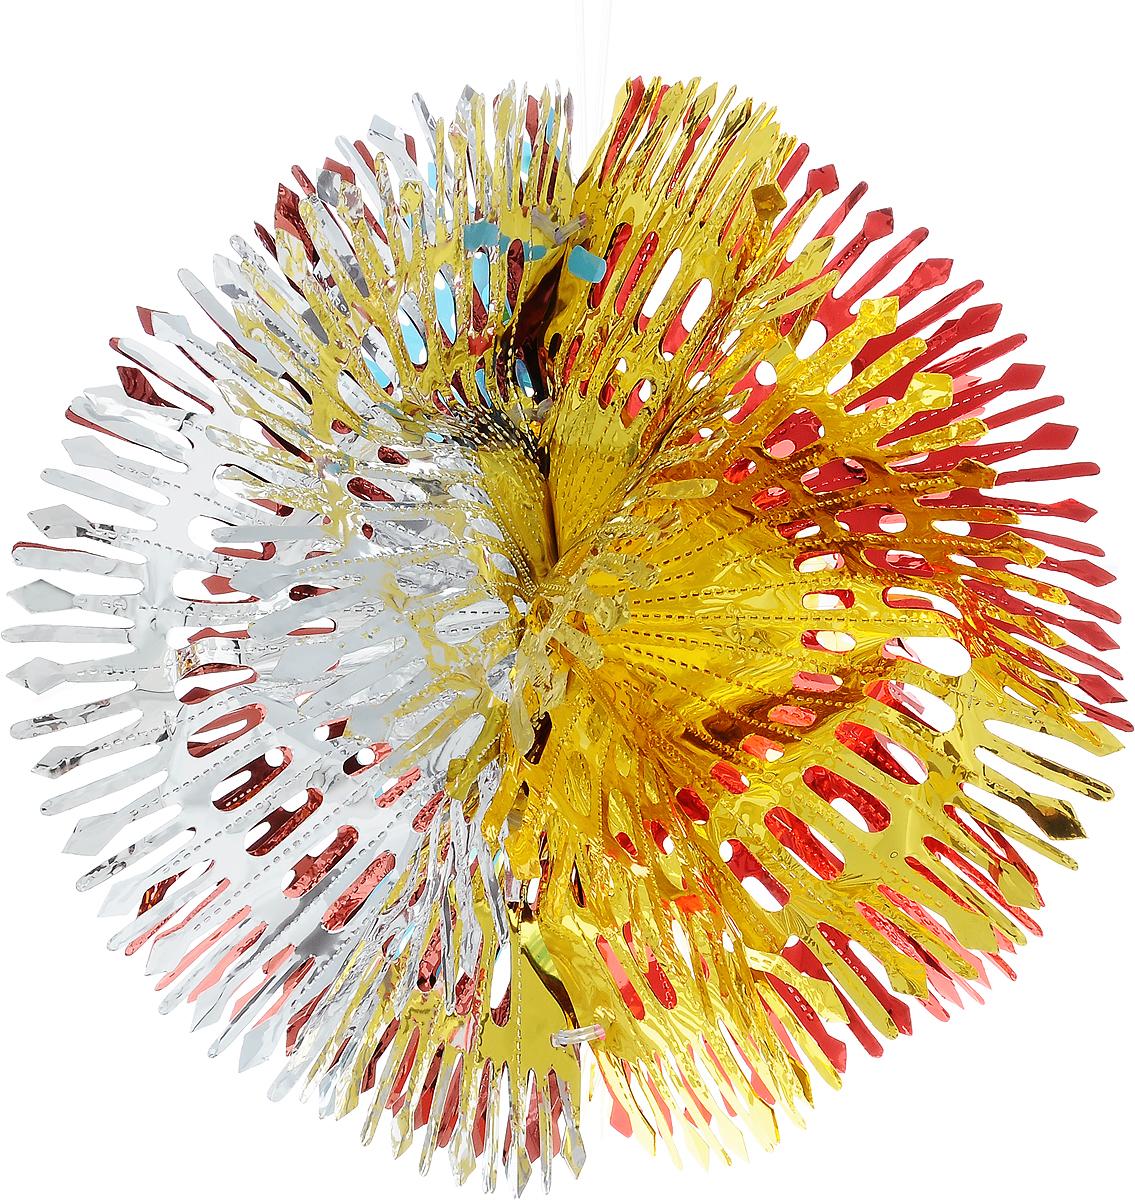 Украшение новогоднее подвесное Winter Wings Шар, диаметр 40 смN09337Новогоднее украшение Winter Wings Шар прекрасно подойдет для декора дома и праздничной елки. Изделие выполнено из ПВХ. С помощью специальной петельки украшение можно повесить в любом понравившемся вам месте. Легко складывается и раскладывается.Новогодние украшения несут в себе волшебство и красоту праздника. Они помогут вам украсить дом к предстоящим праздникам и оживить интерьер по вашему вкусу. Создайте в доме атмосферу тепла, веселья и радости, украшая его всей семьей.